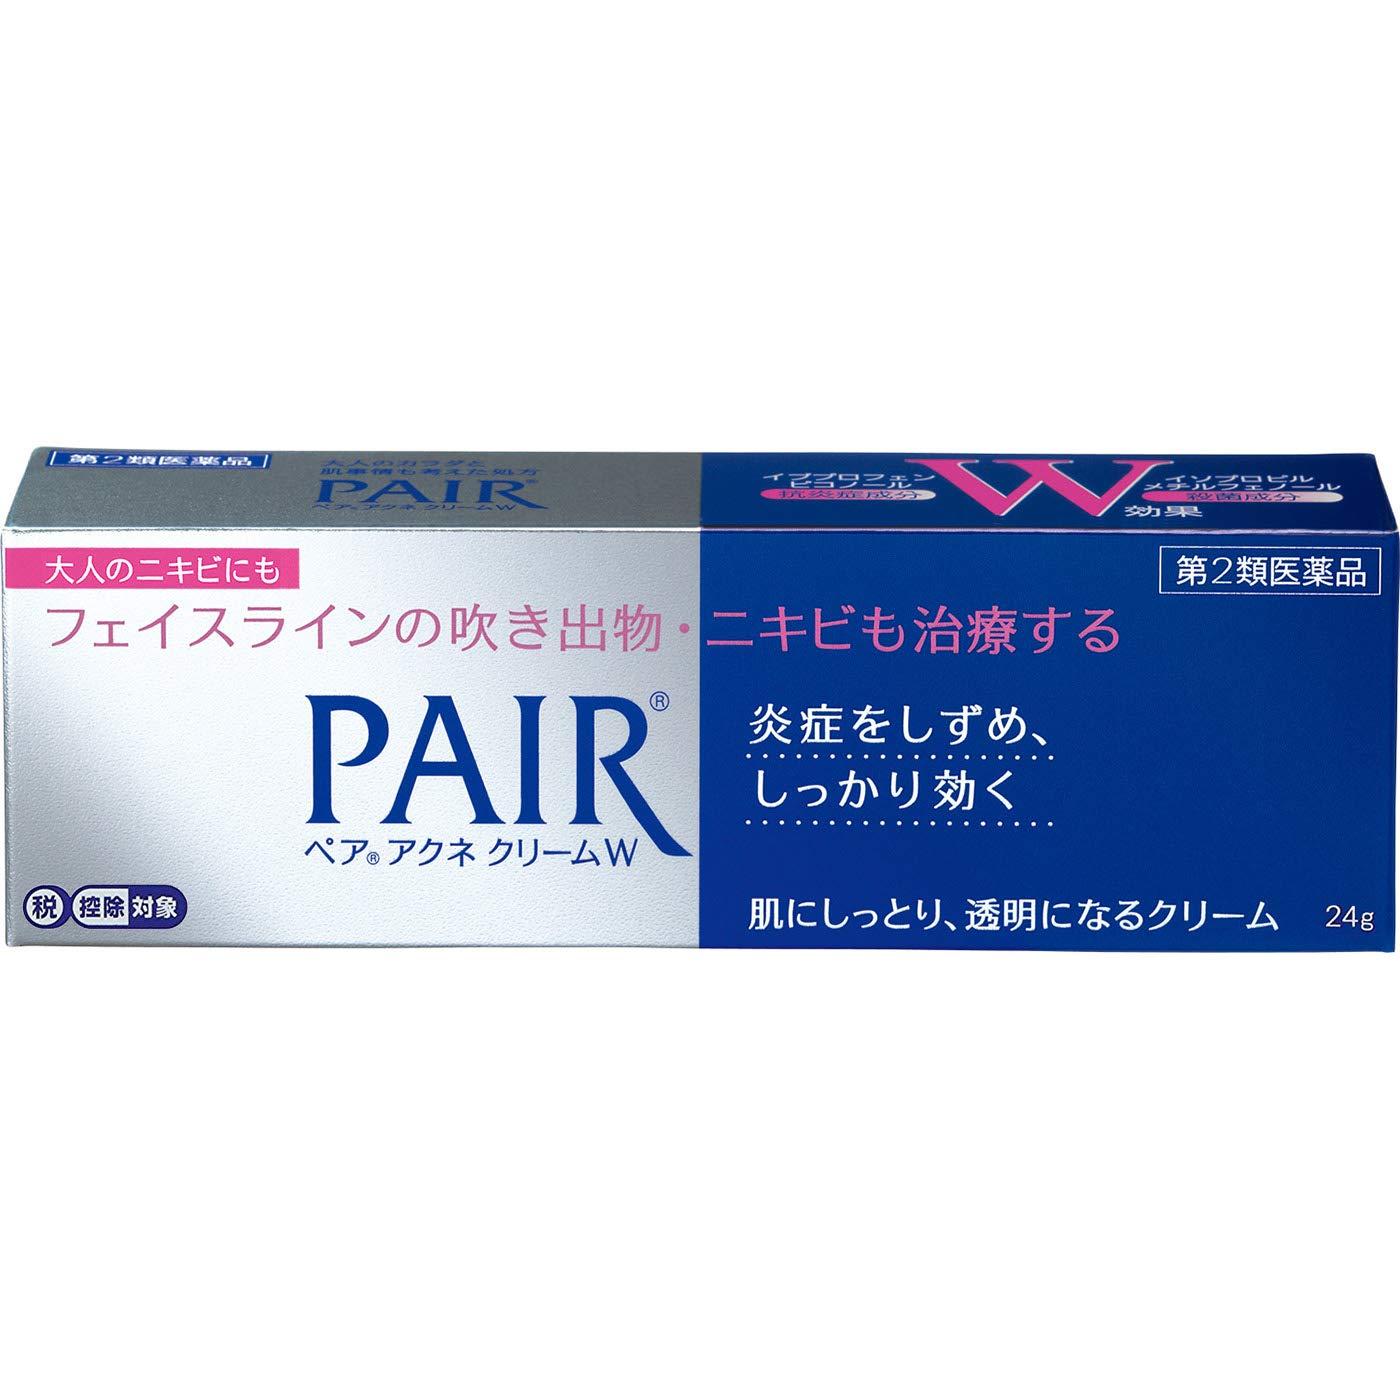 【ライオン】<第2類医薬品>ペアアクネクリームWのサムネイル